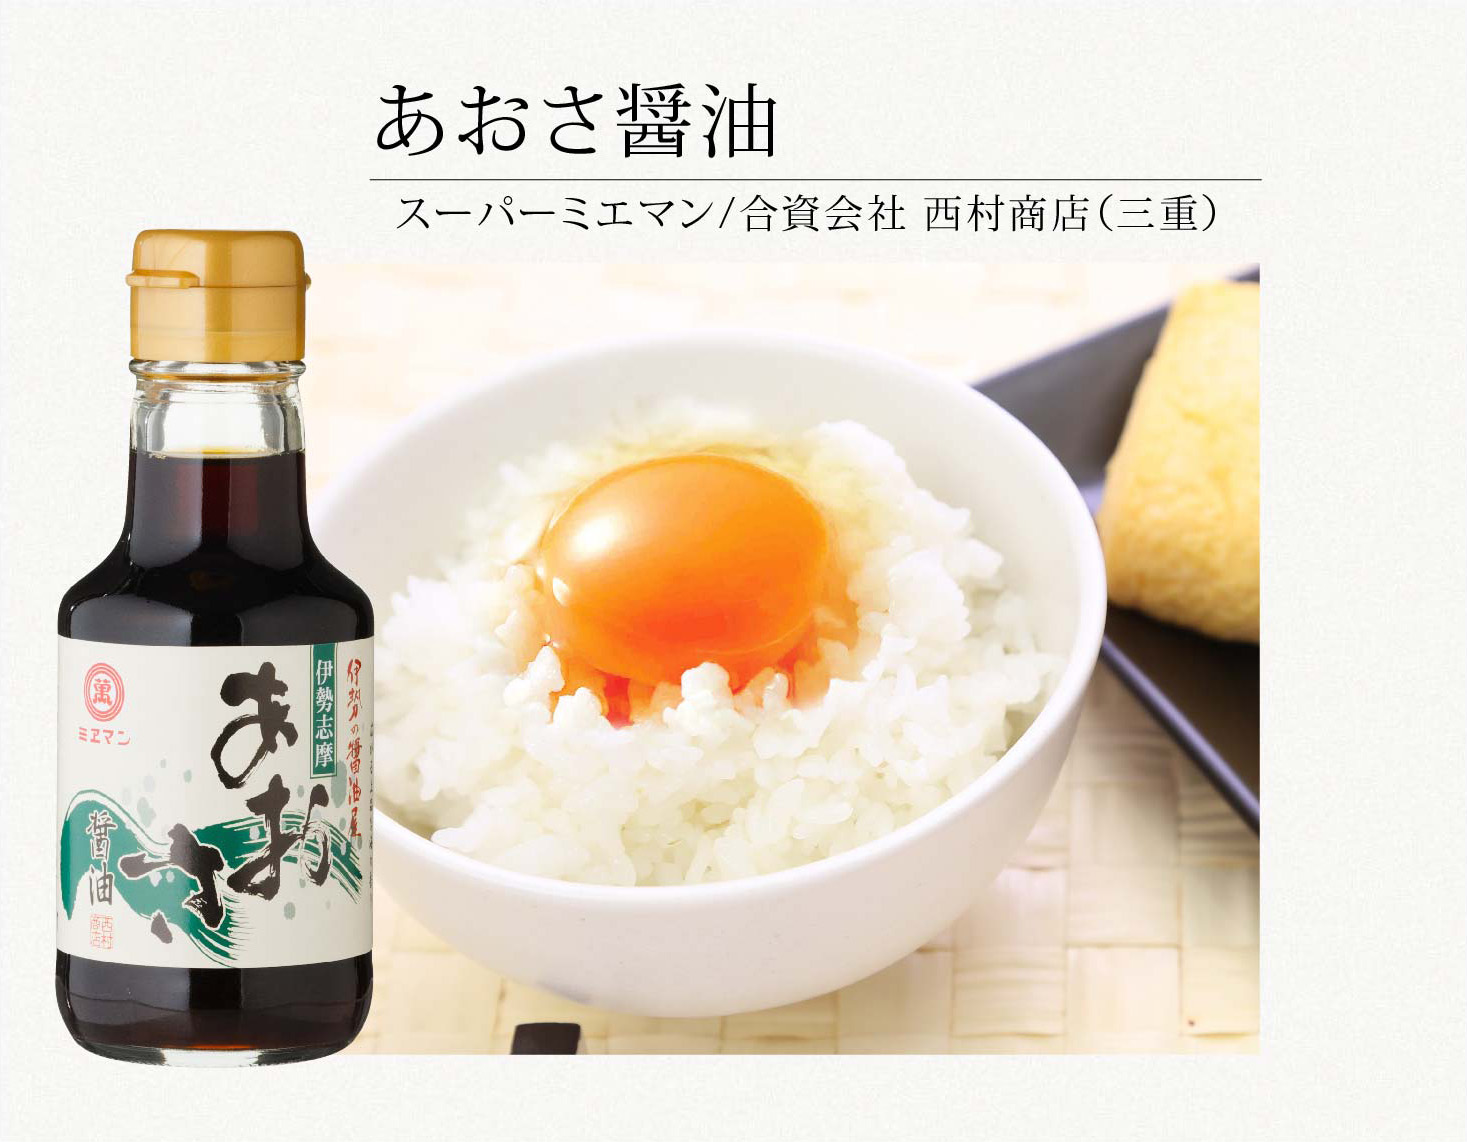 あおさ醤油 スーパーミエマン 合資会社 西村商店(三重)